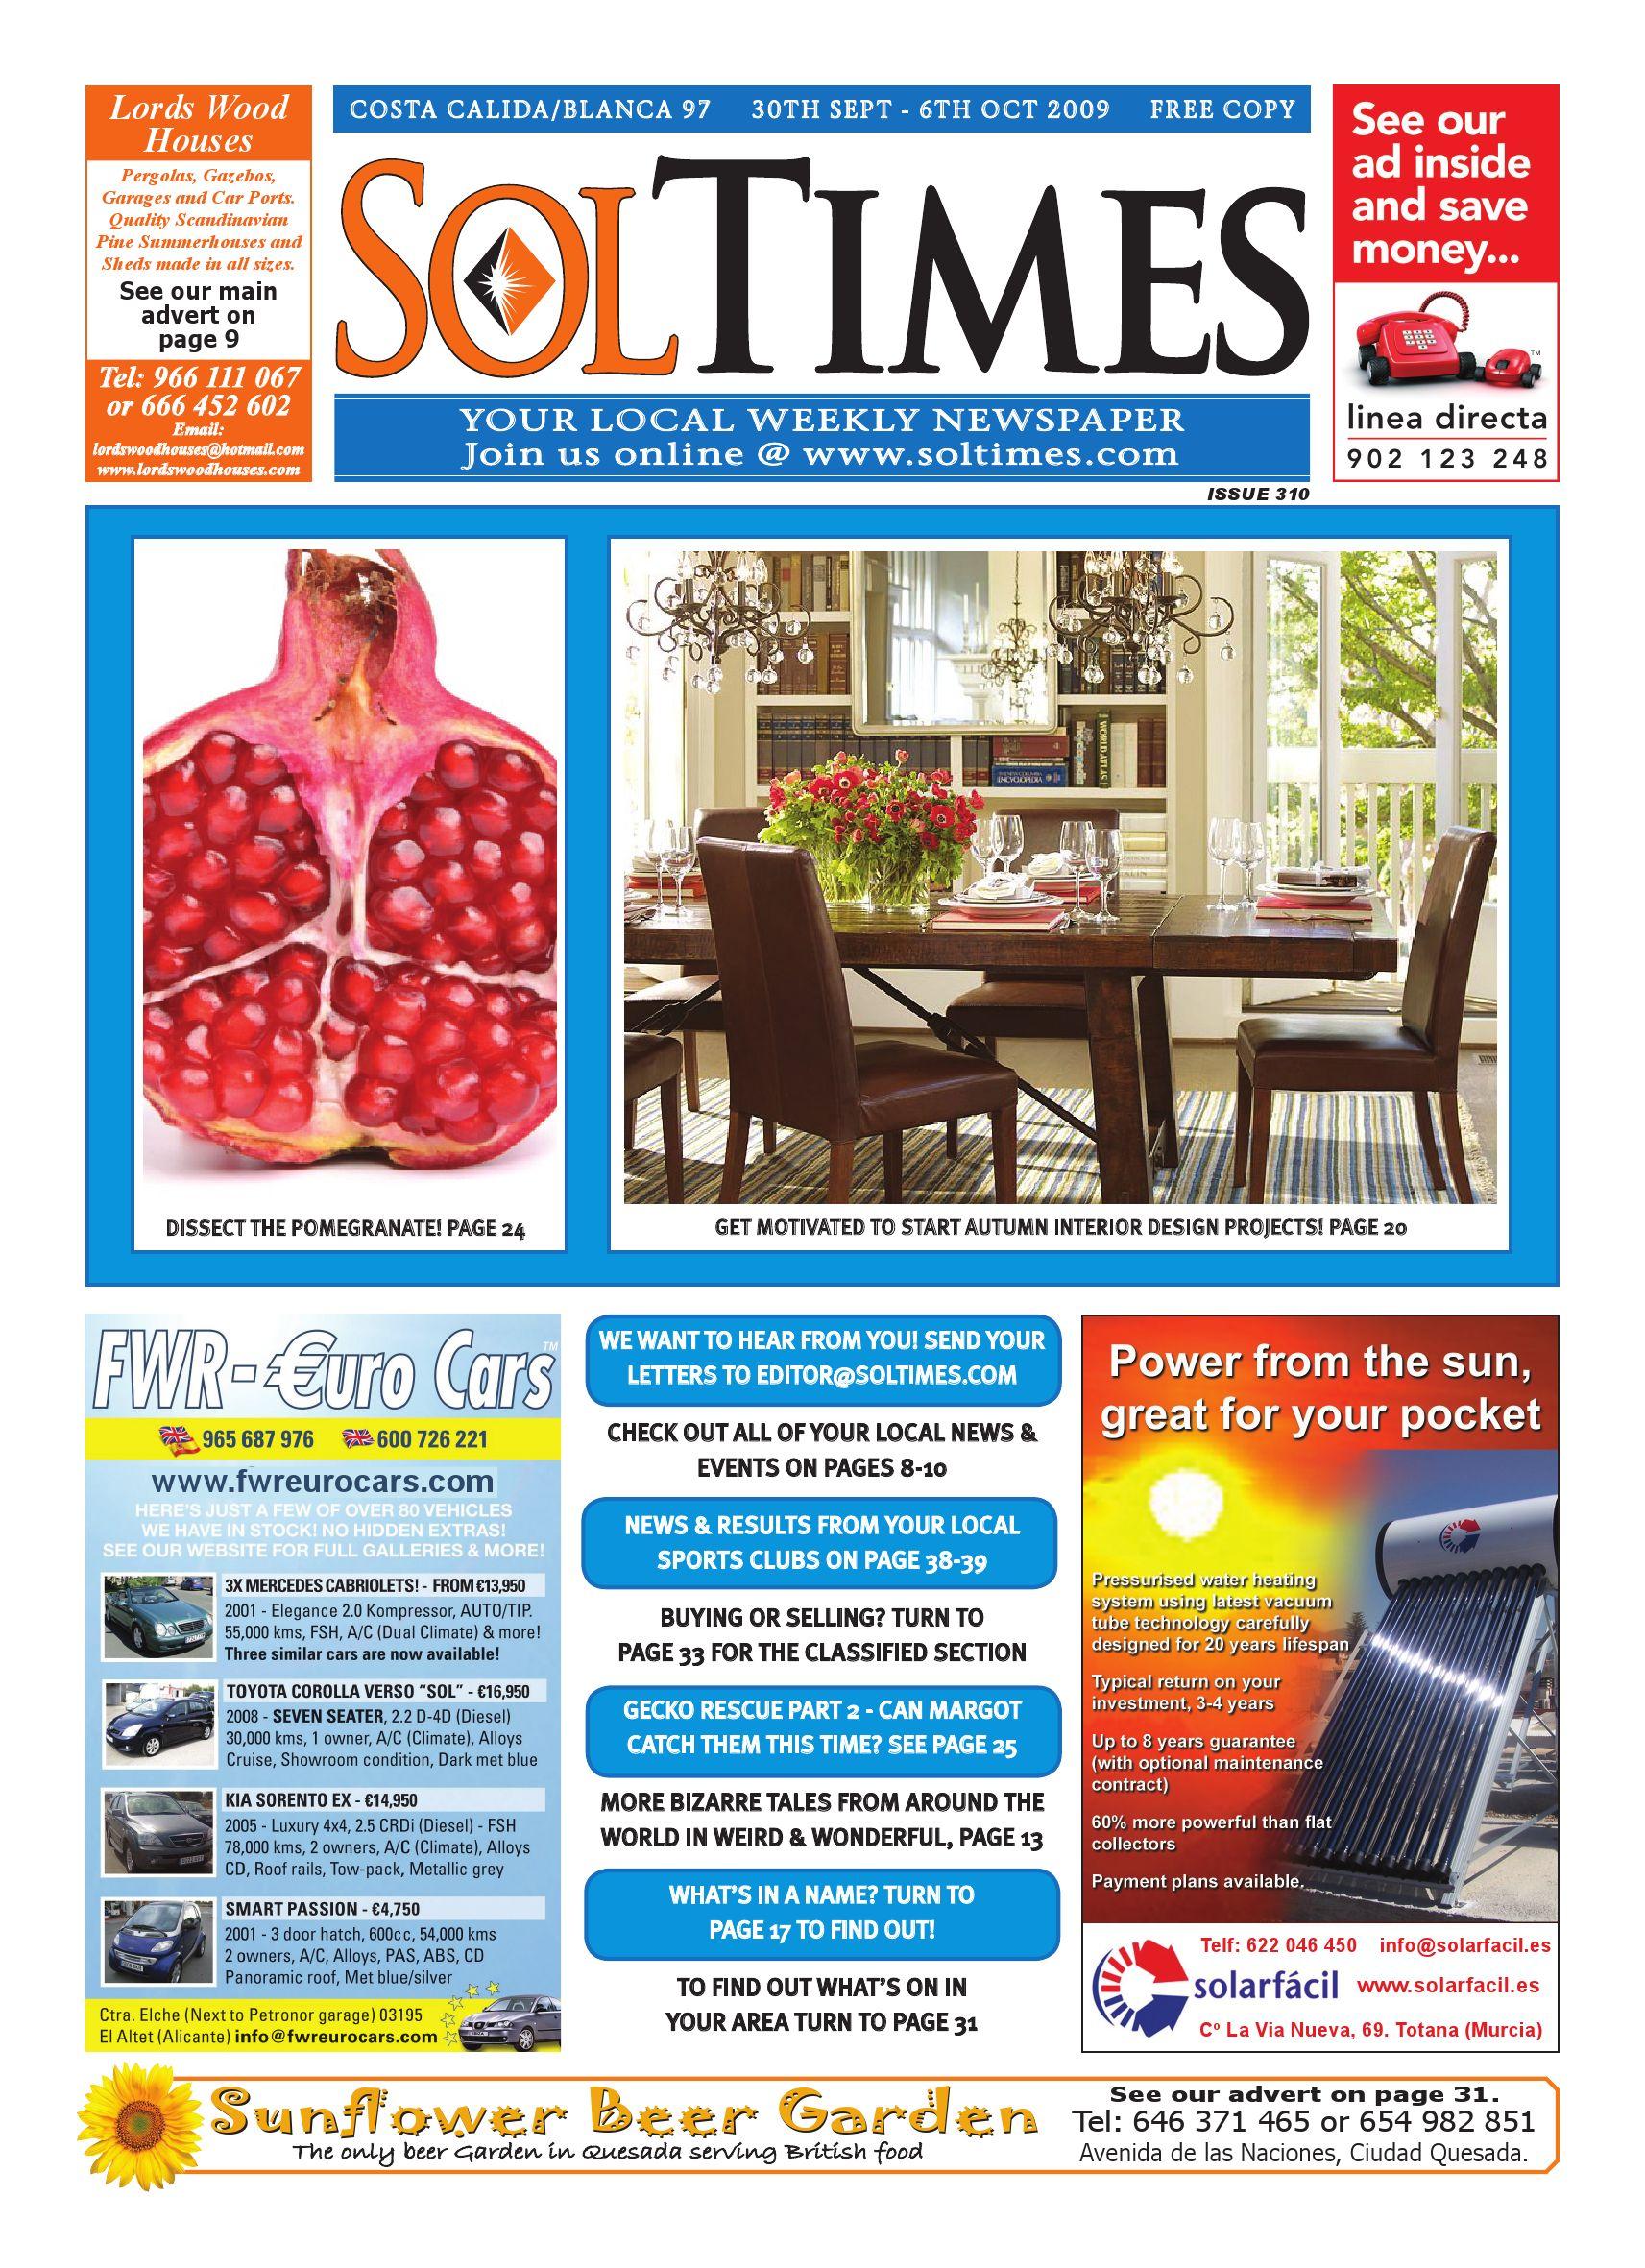 Sol Times Issue 97 Costa Calida Blanca Edition by nigel judson issuu